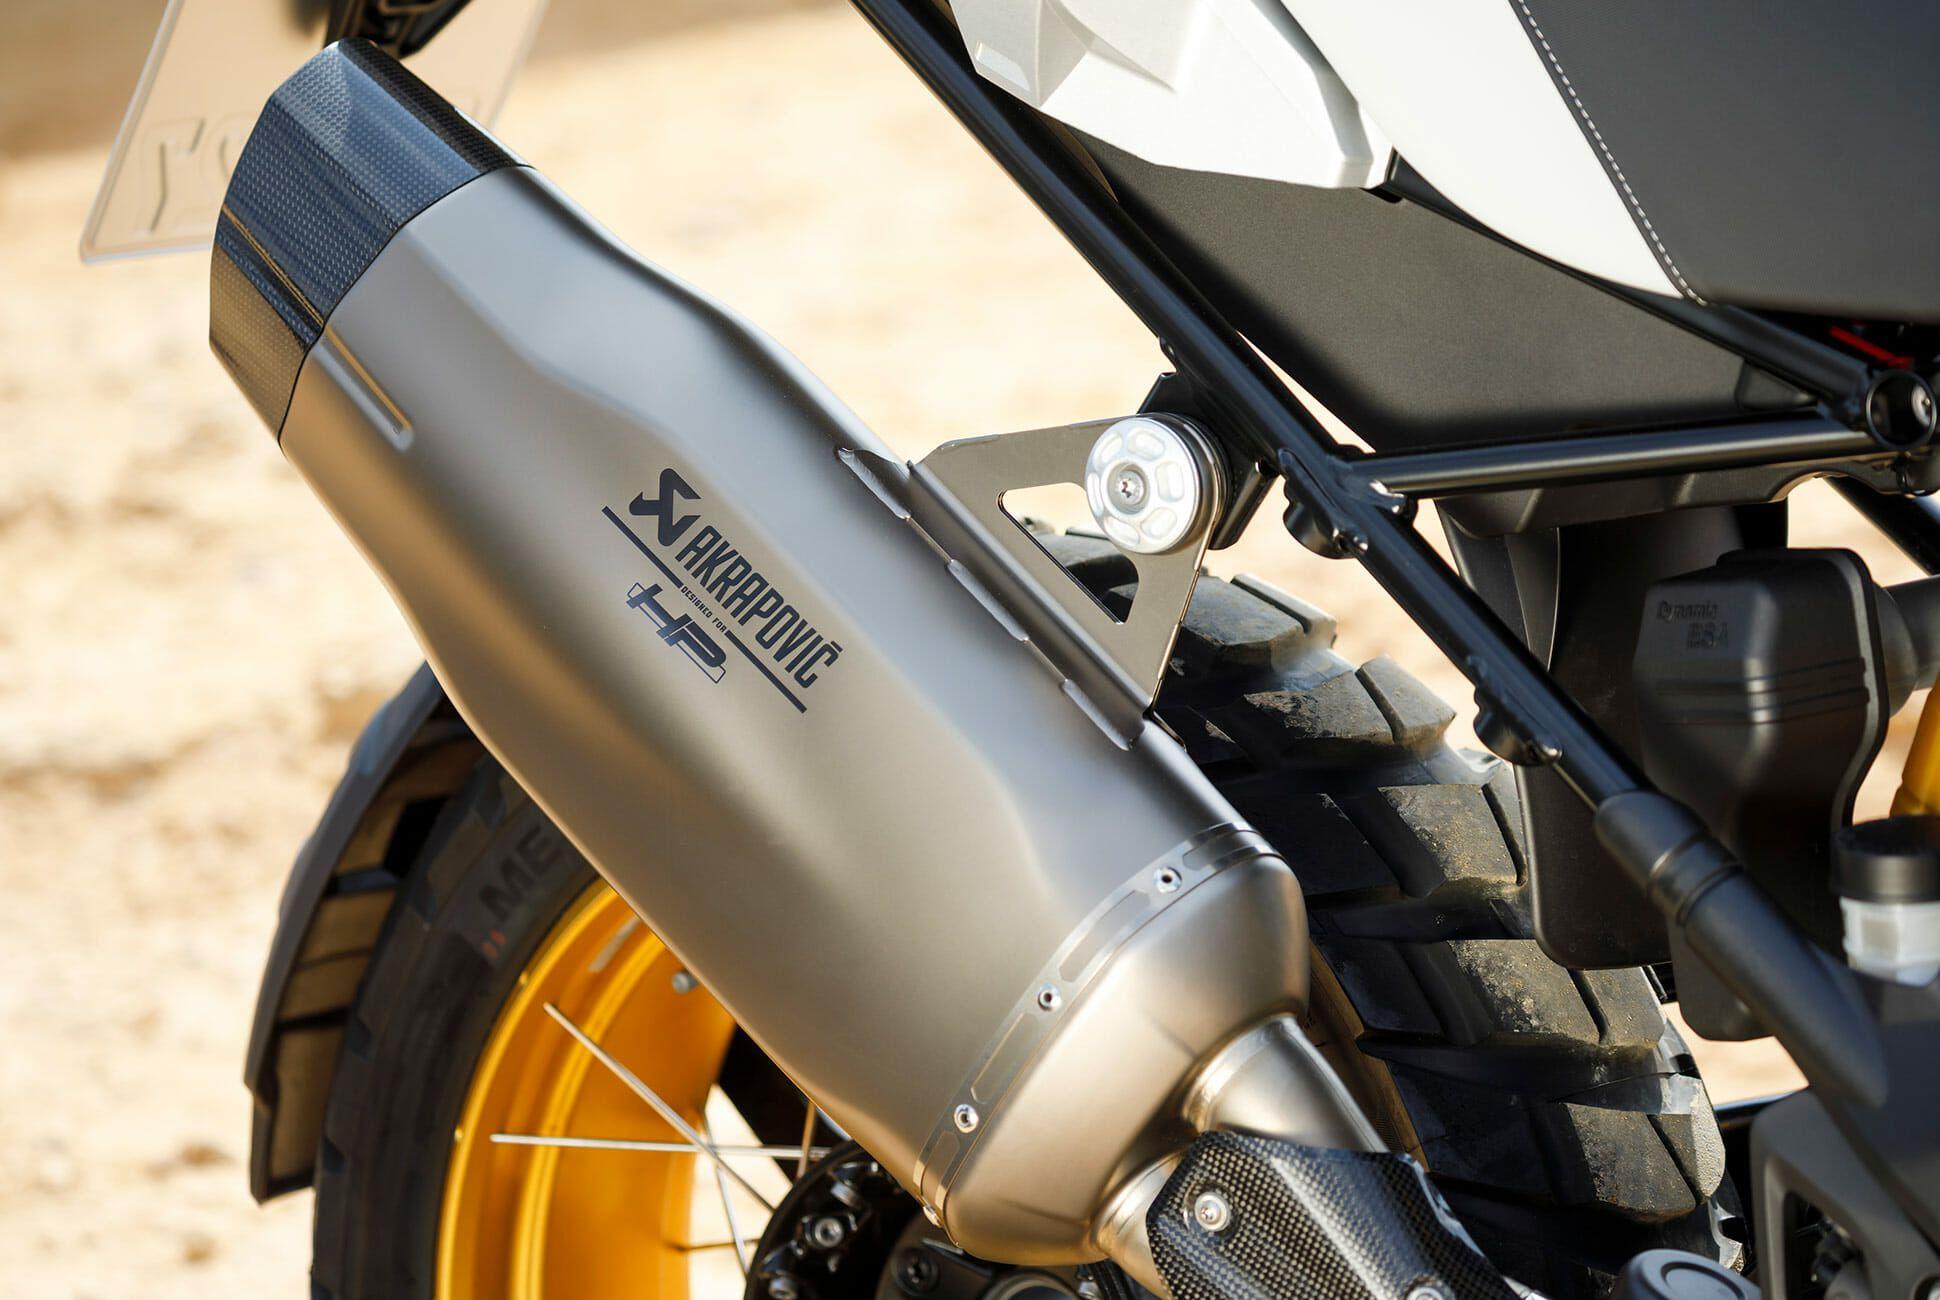 BMW-R-1250-GS-gear-patrol-slide-5